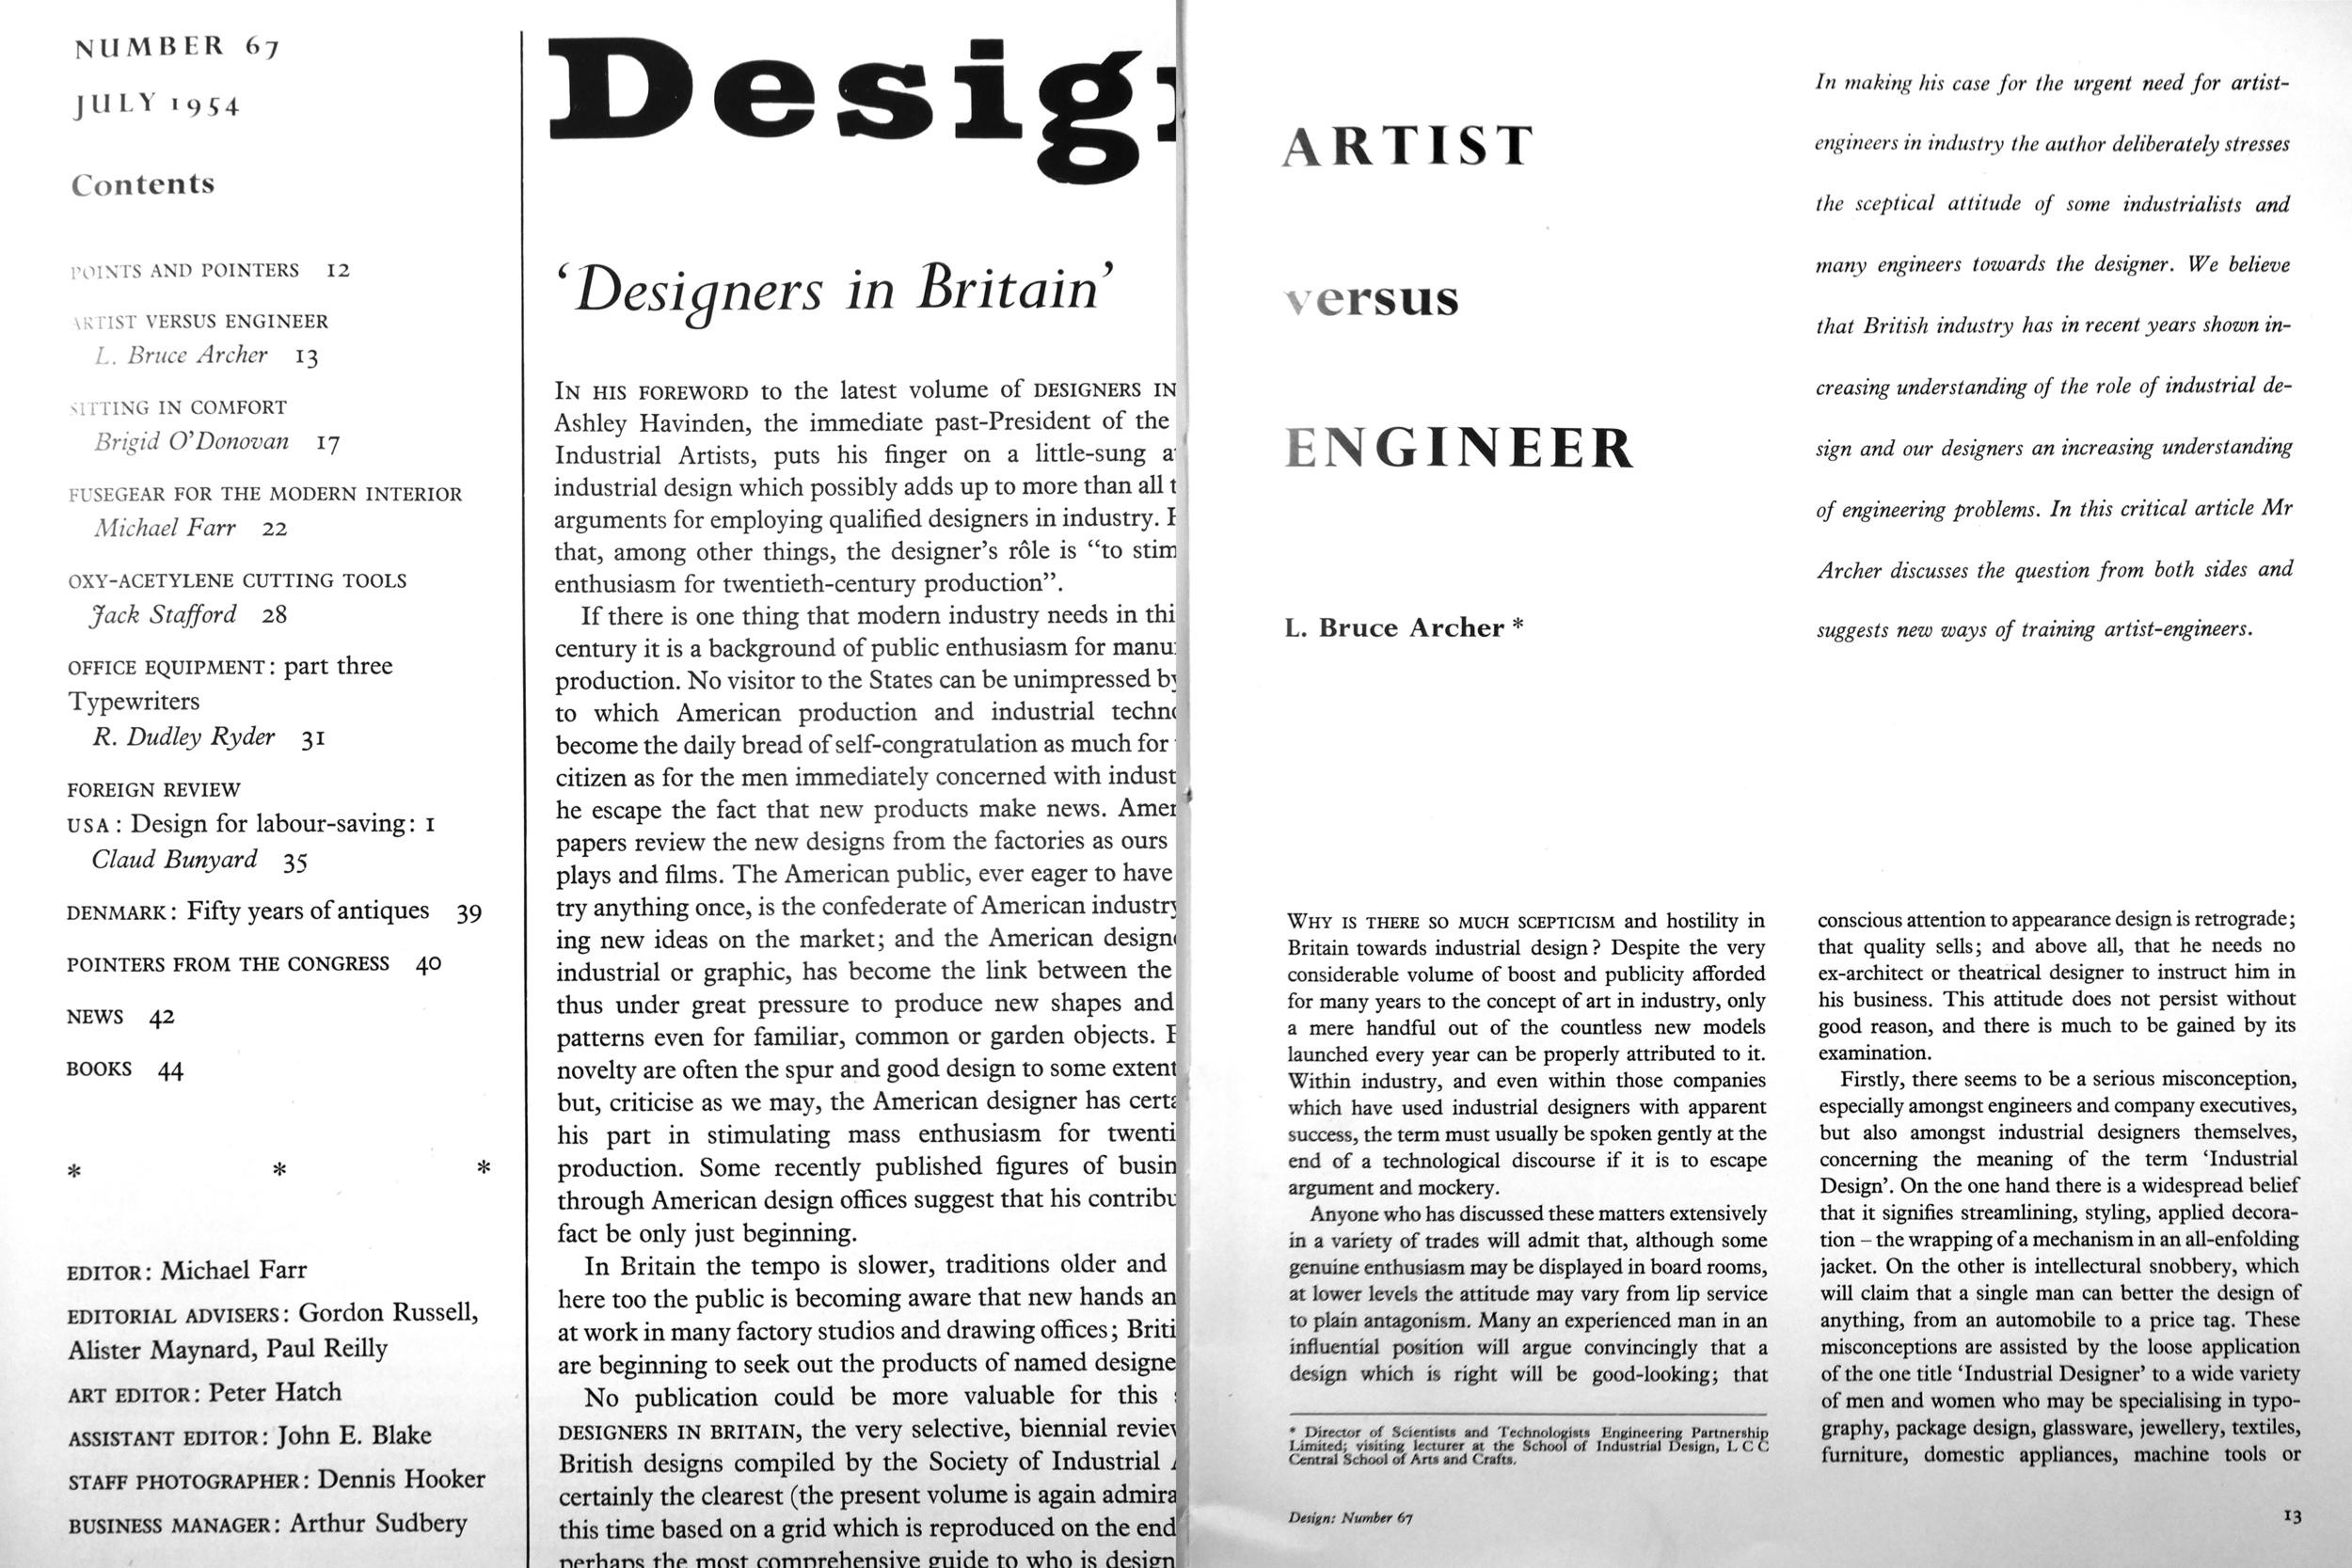 DDR_Artist-versus-Engineer_July_1954.jpg